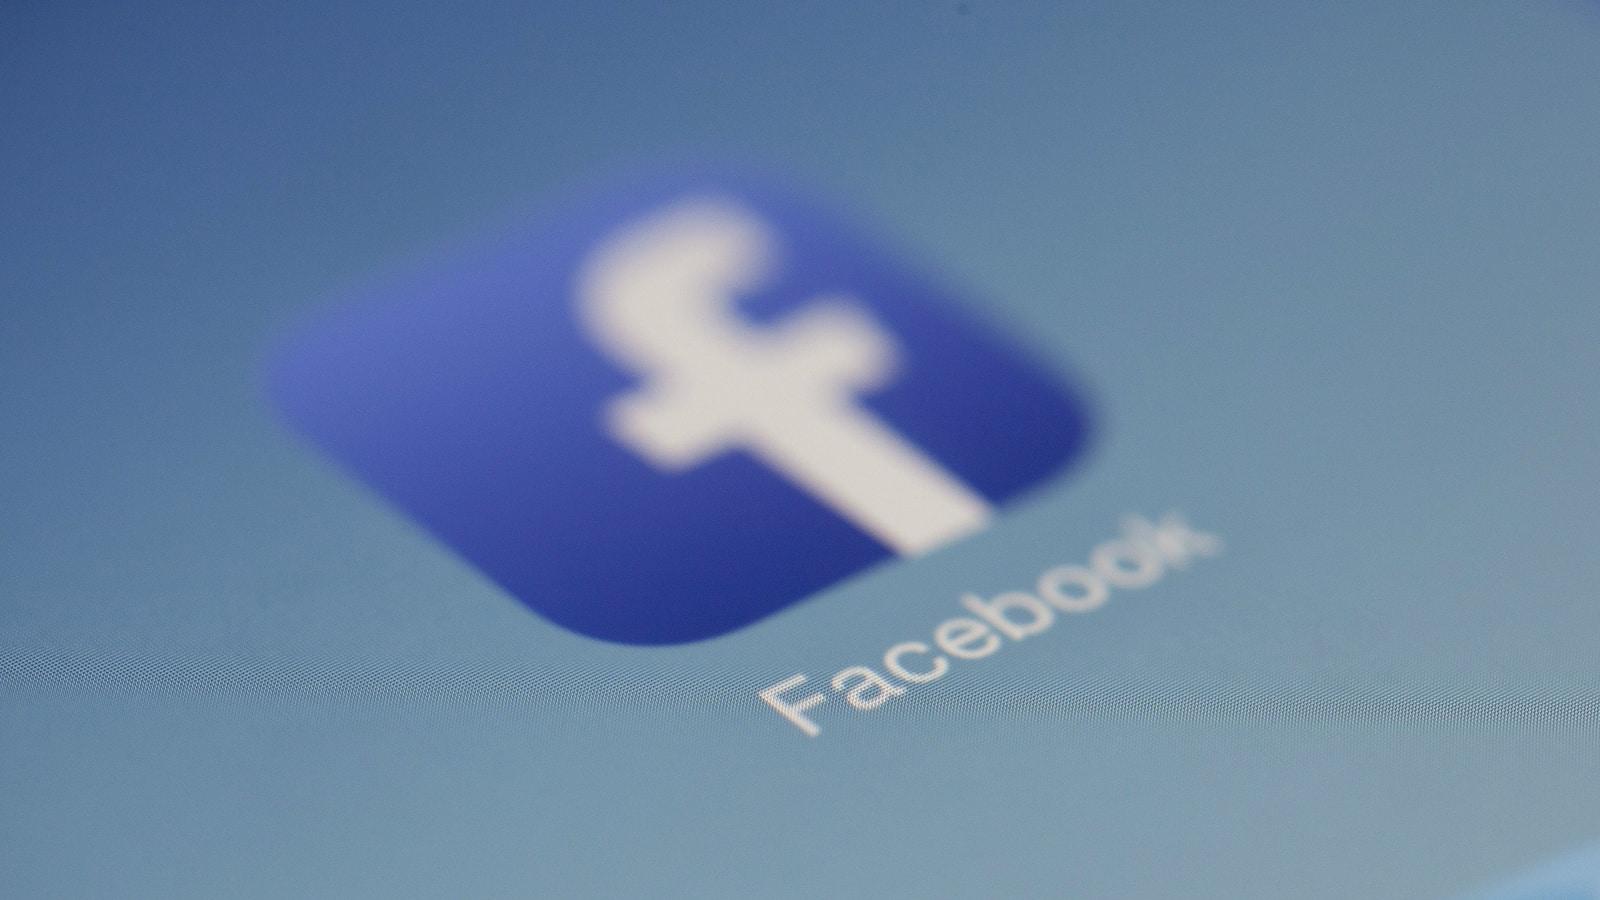 Facebook sắp bổ sung tab mới trên News Feed chuyên cập nhật tin tức mới nhất cho người dùng